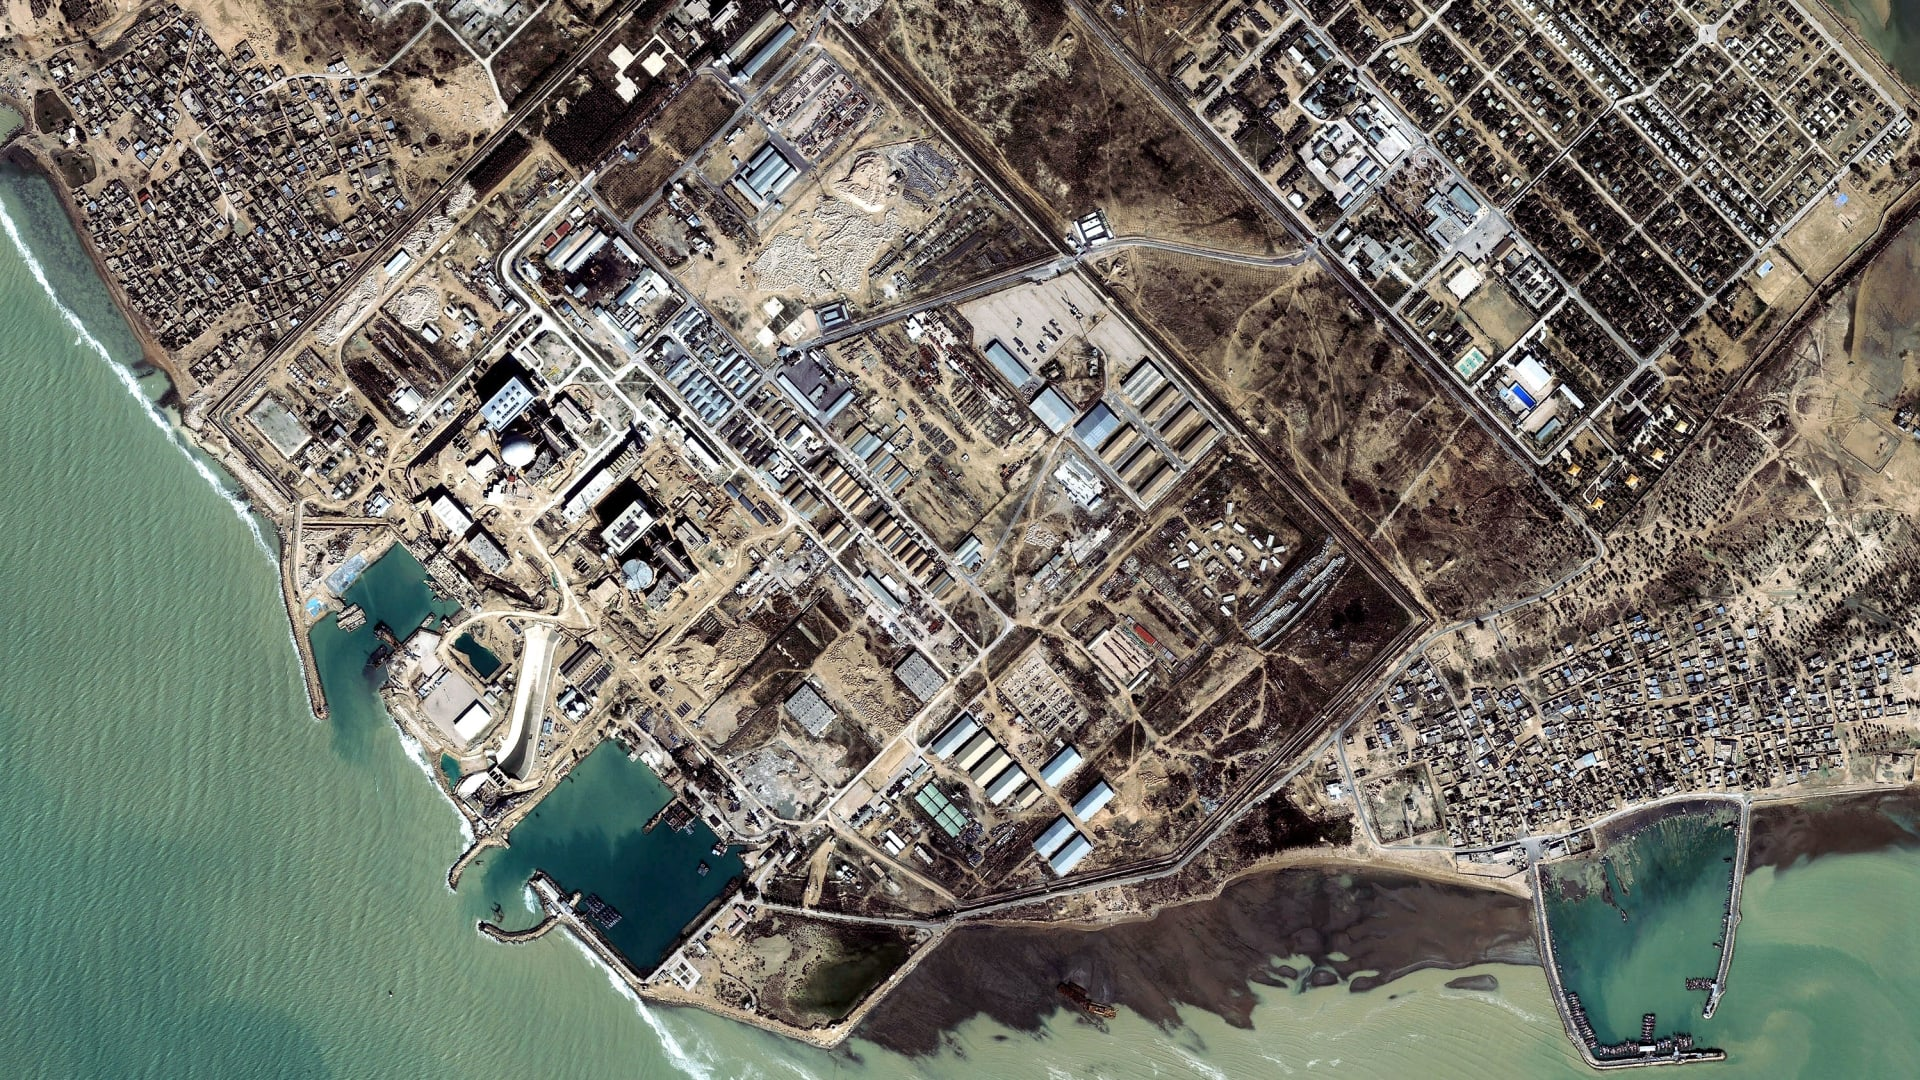 صورة أرشيفية جوية من منطقة بوشهر التي تضم مفاعل بوشهر الإيراني النووي